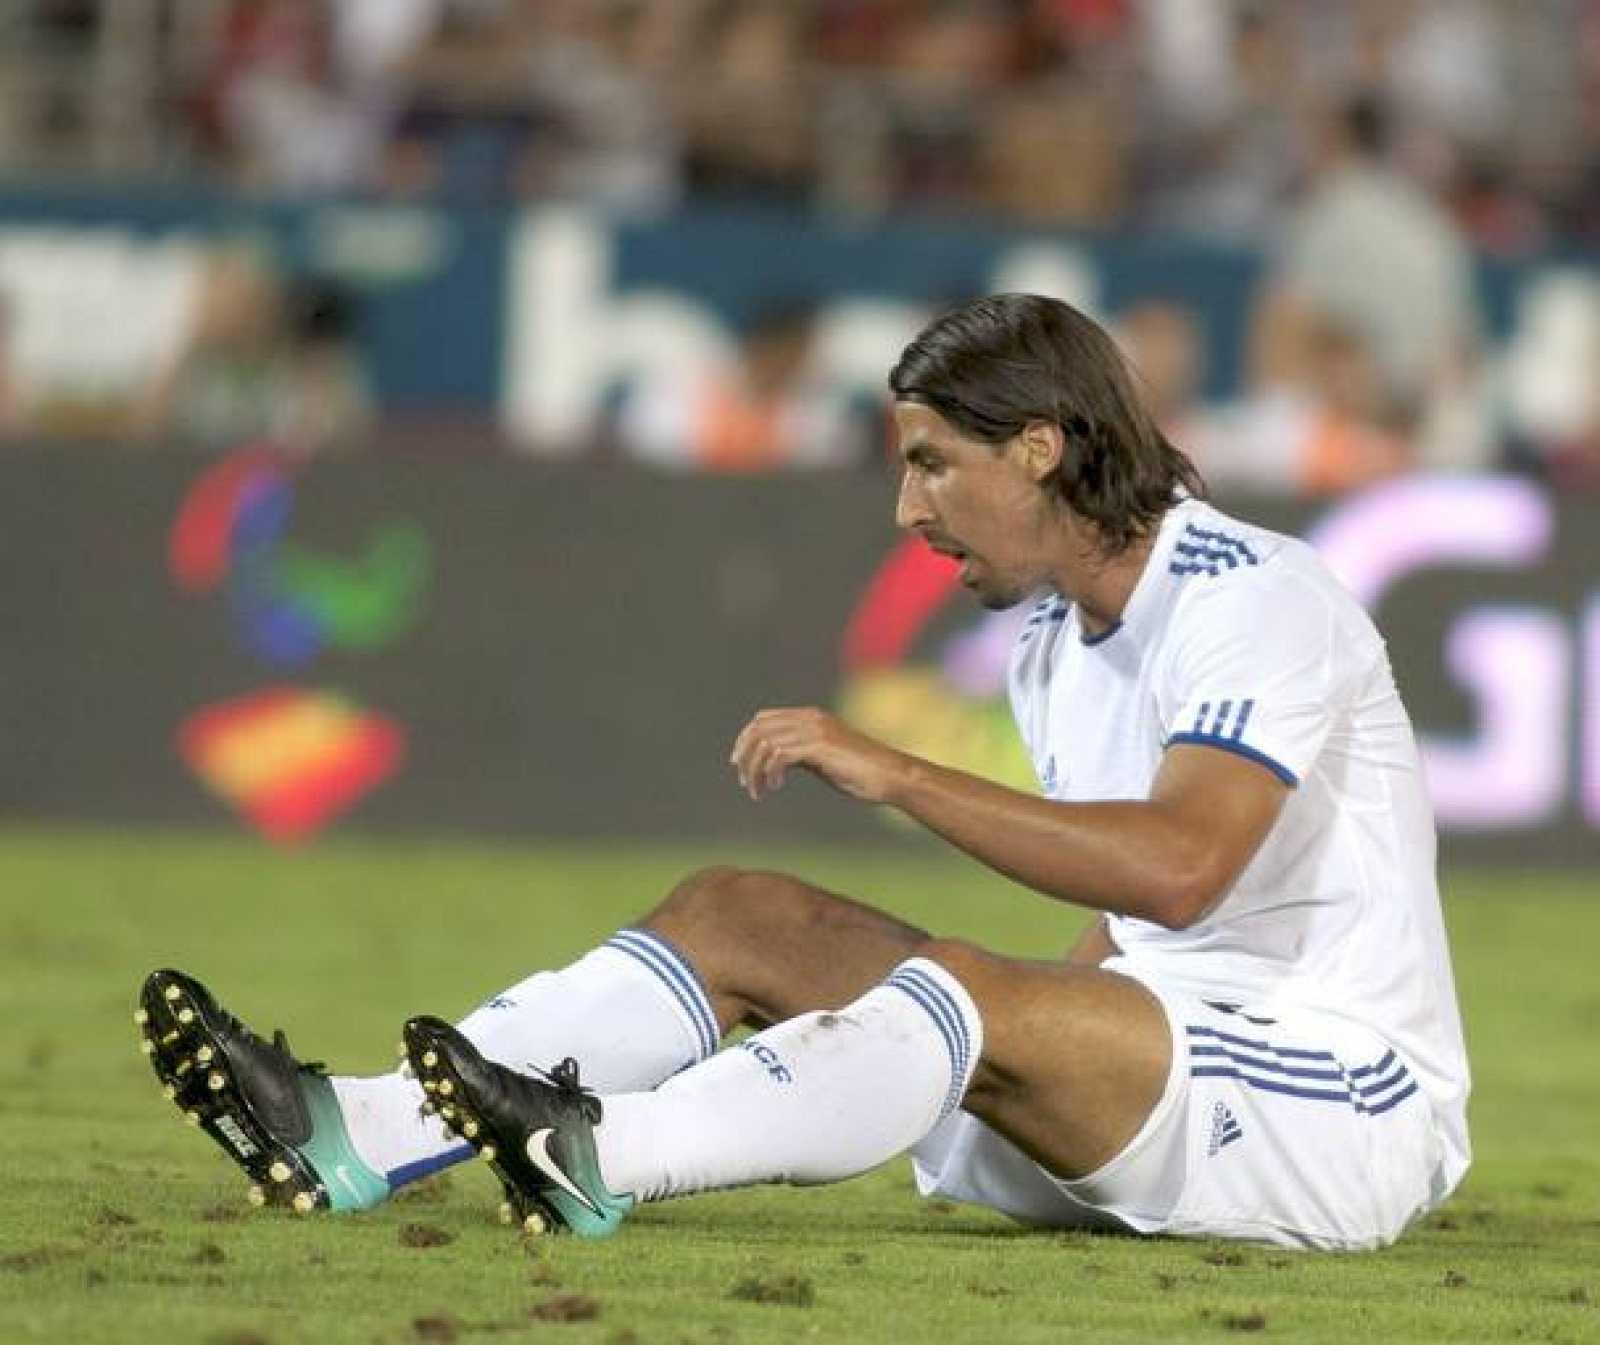 El centrocampista alemán del Real Madrid, Sami Khedira, en el suelo durante el partido frente al RCD Mallorca